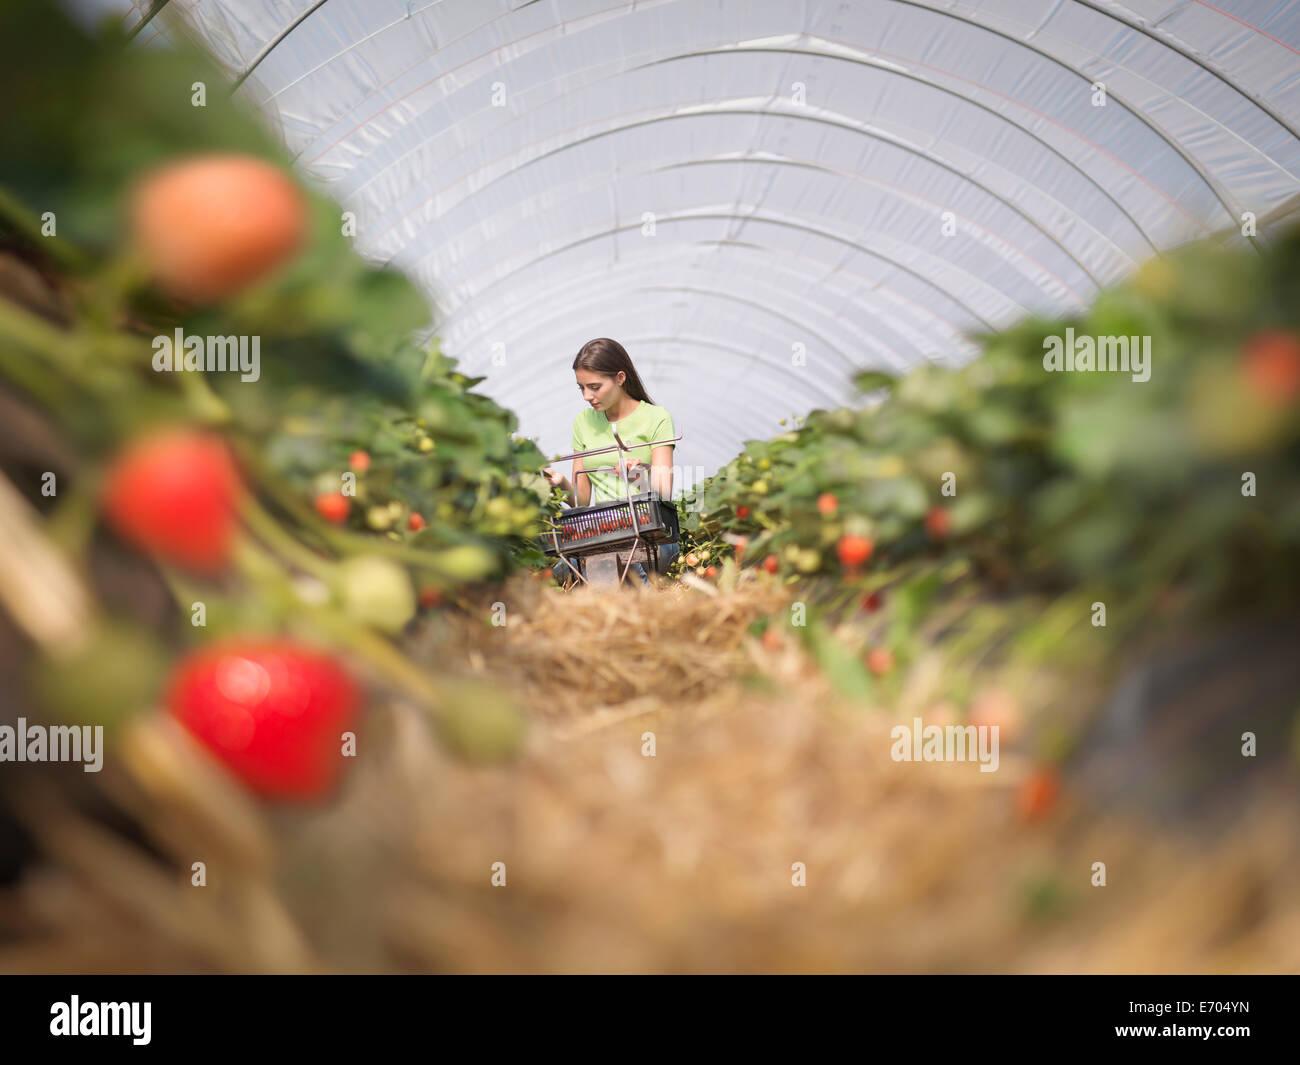 Arbeiter im Obsthof Erdbeeren pflücken Stockbild